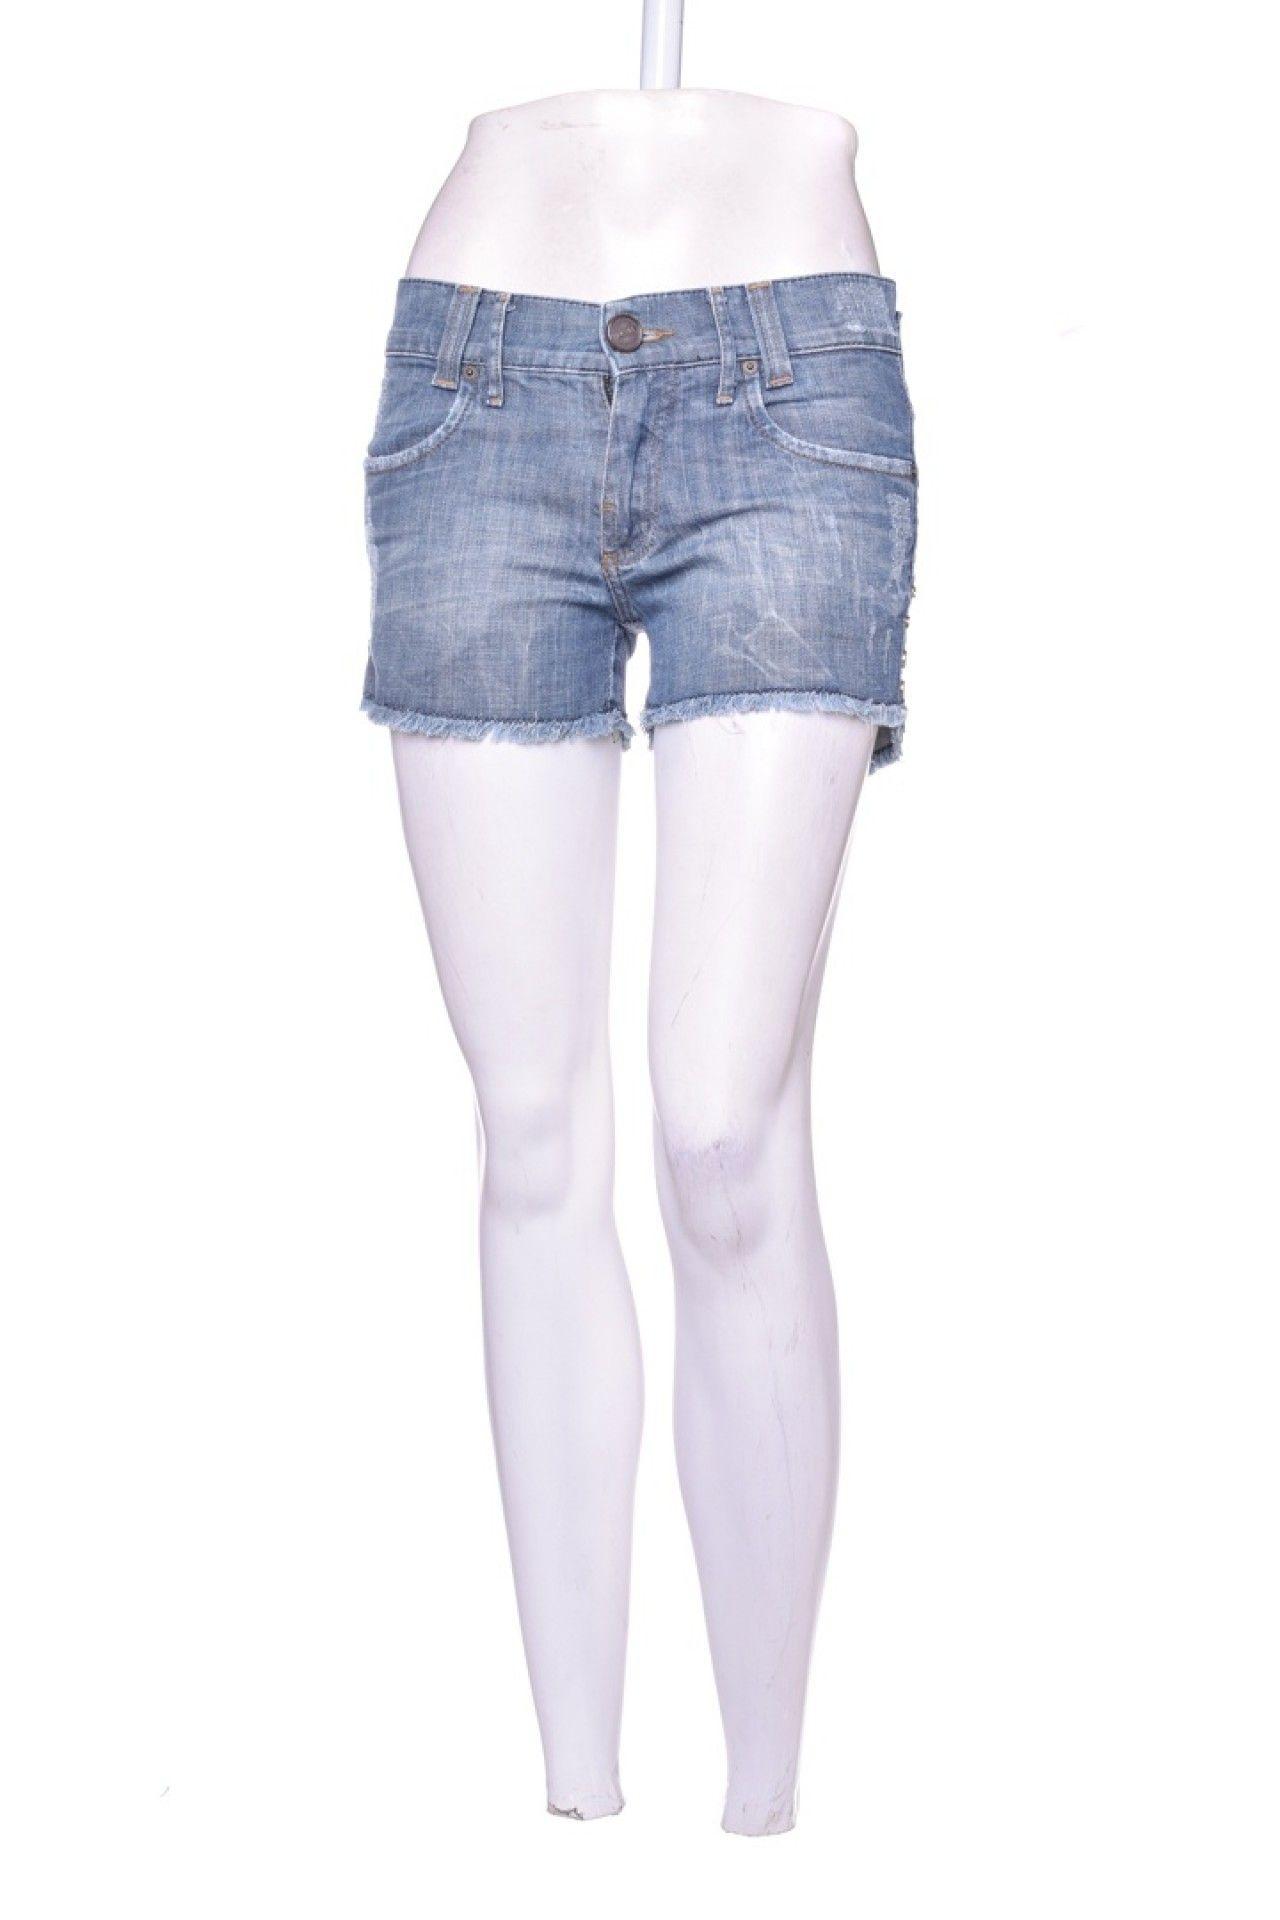 Damyller - Shorts Jeans Lavagem - Foto 1